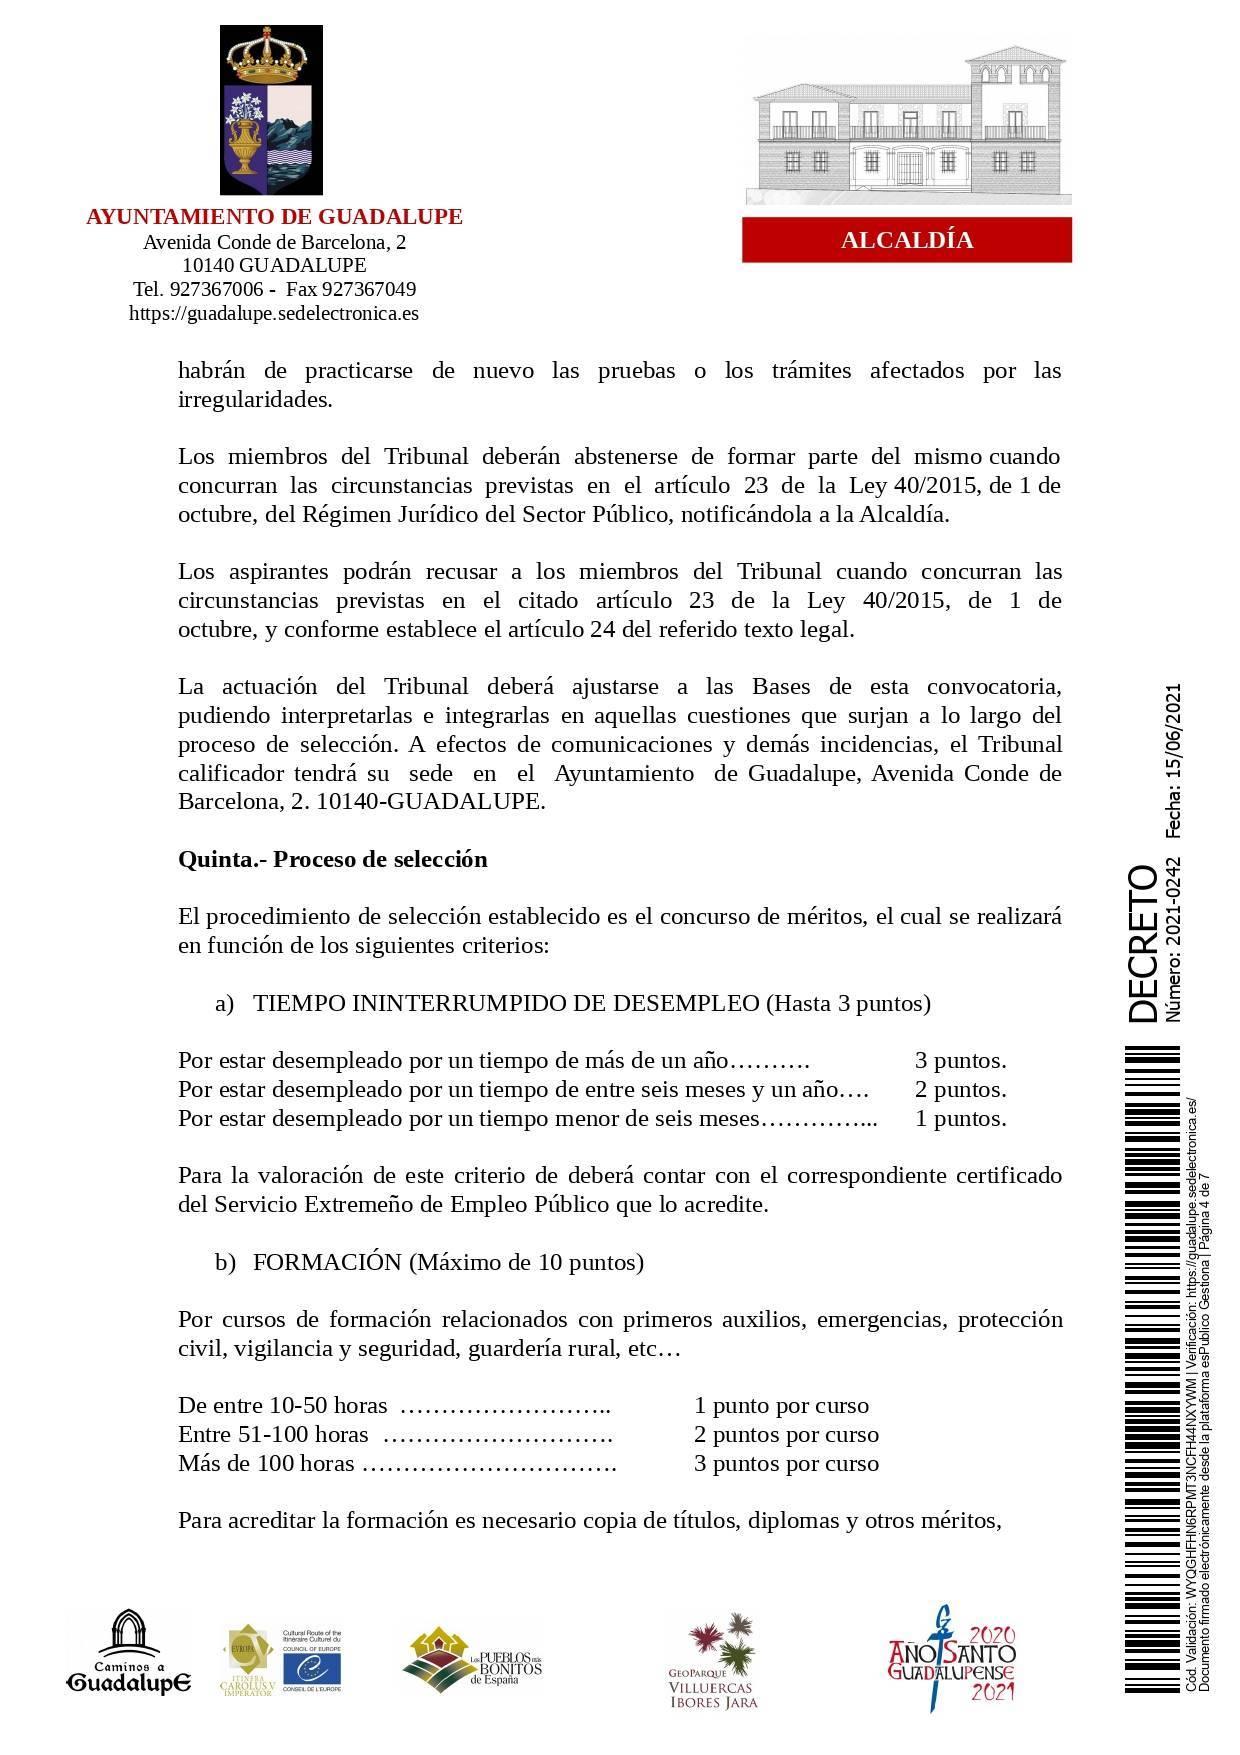 Bolsa de operarios de servicios múltiples para eventos (2021) - Guadalupe (Cáceres) 4